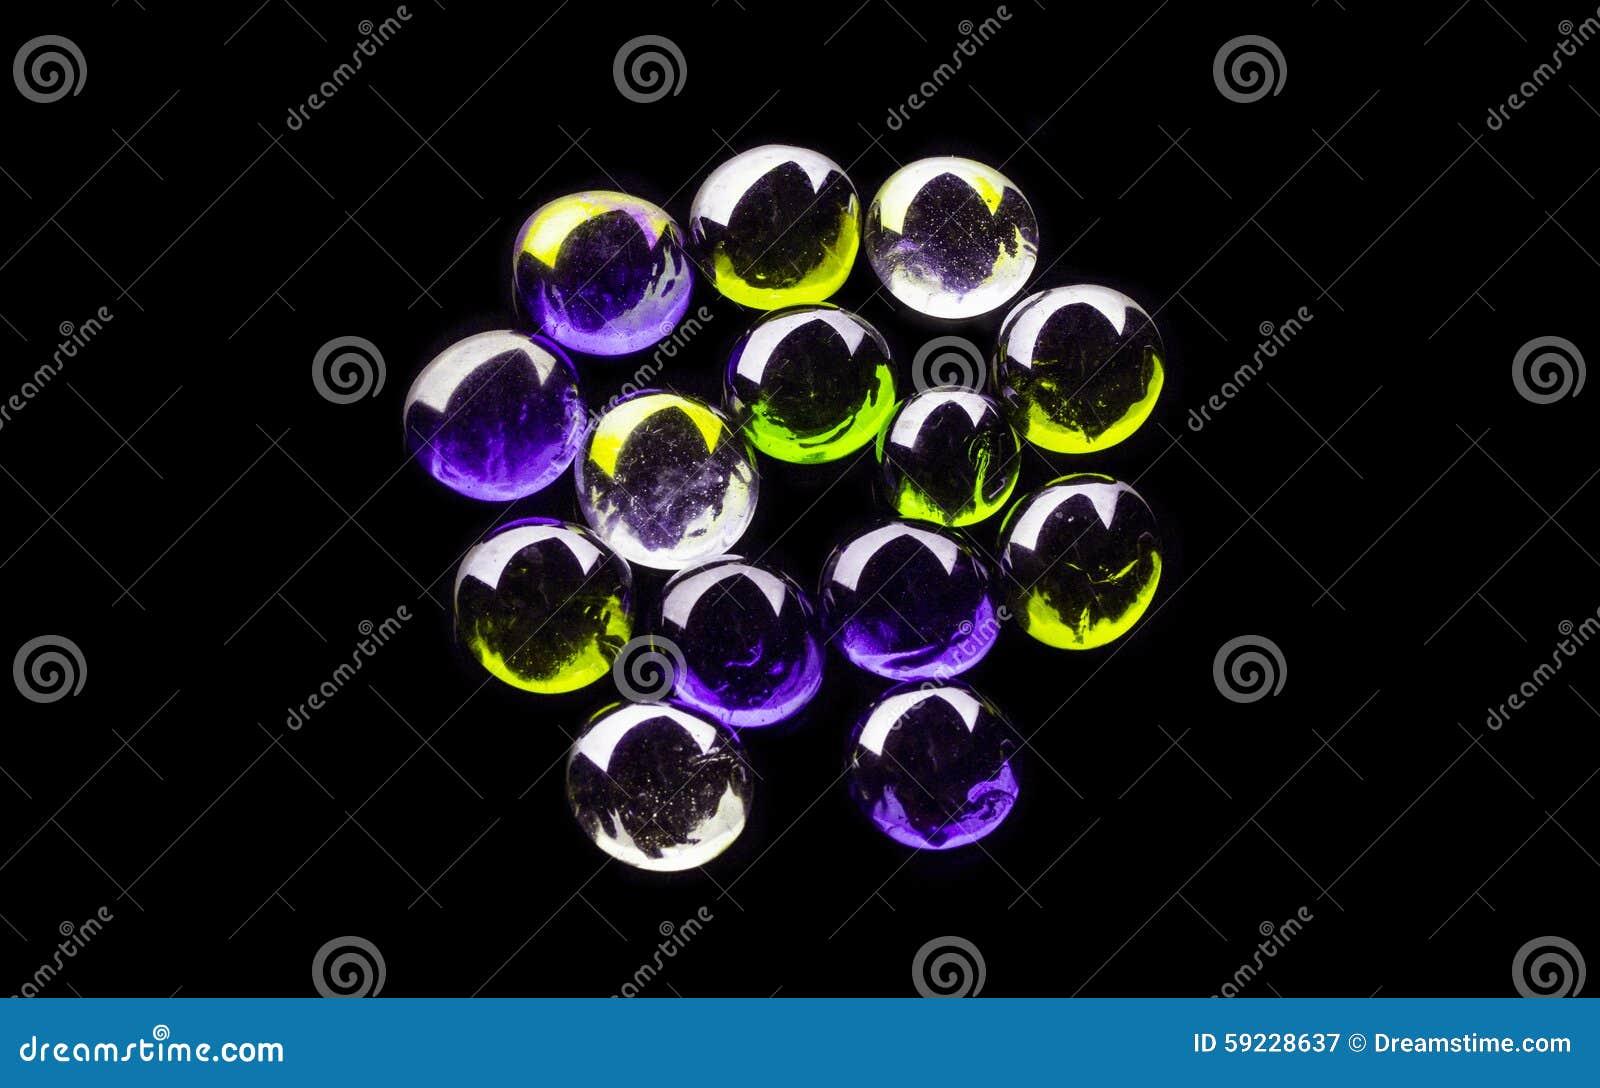 Download Piedras coloreadas imagen de archivo. Imagen de bastante - 59228637